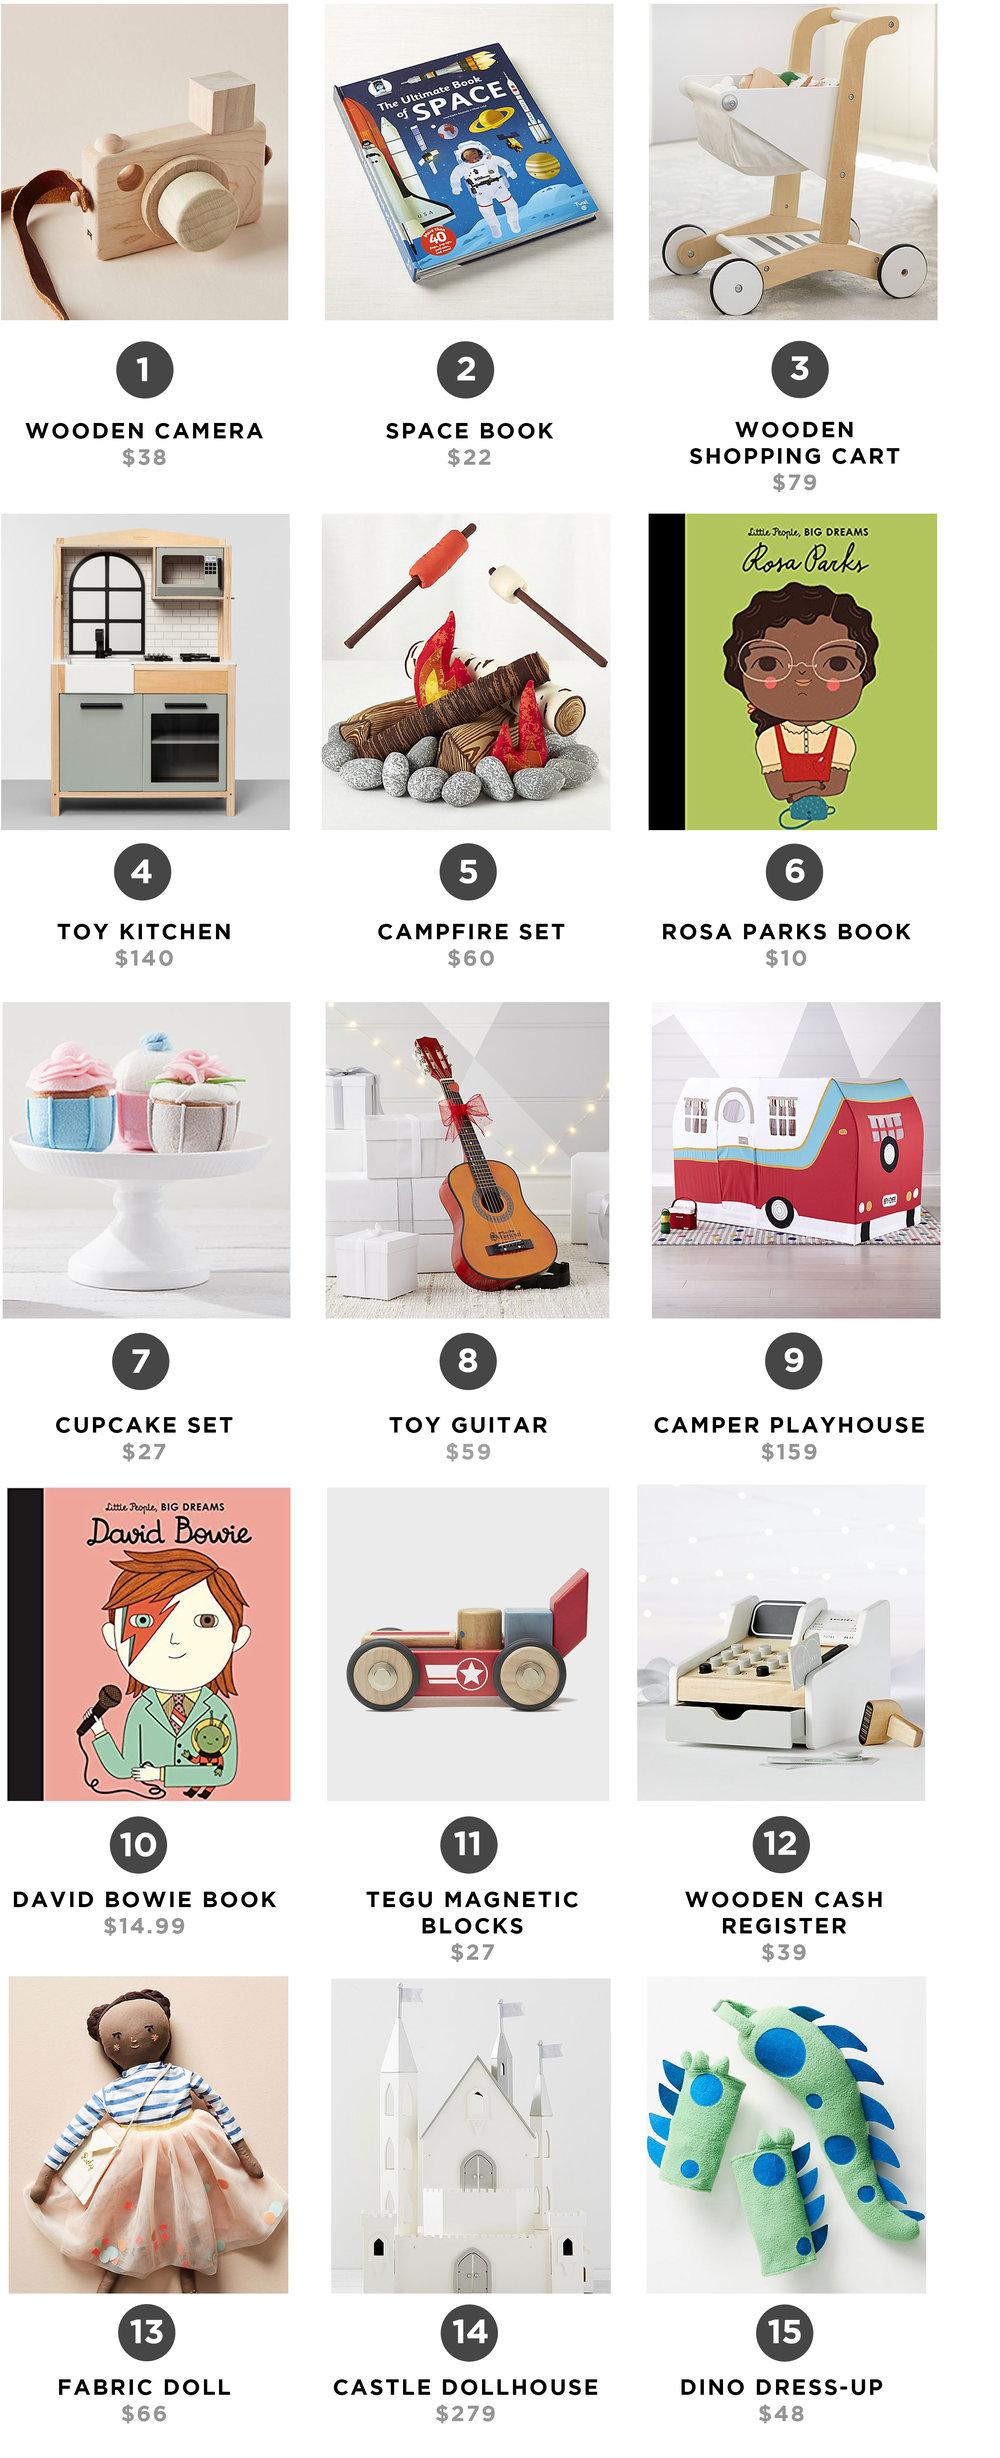 2018-gift-guide-kids-2.jpg